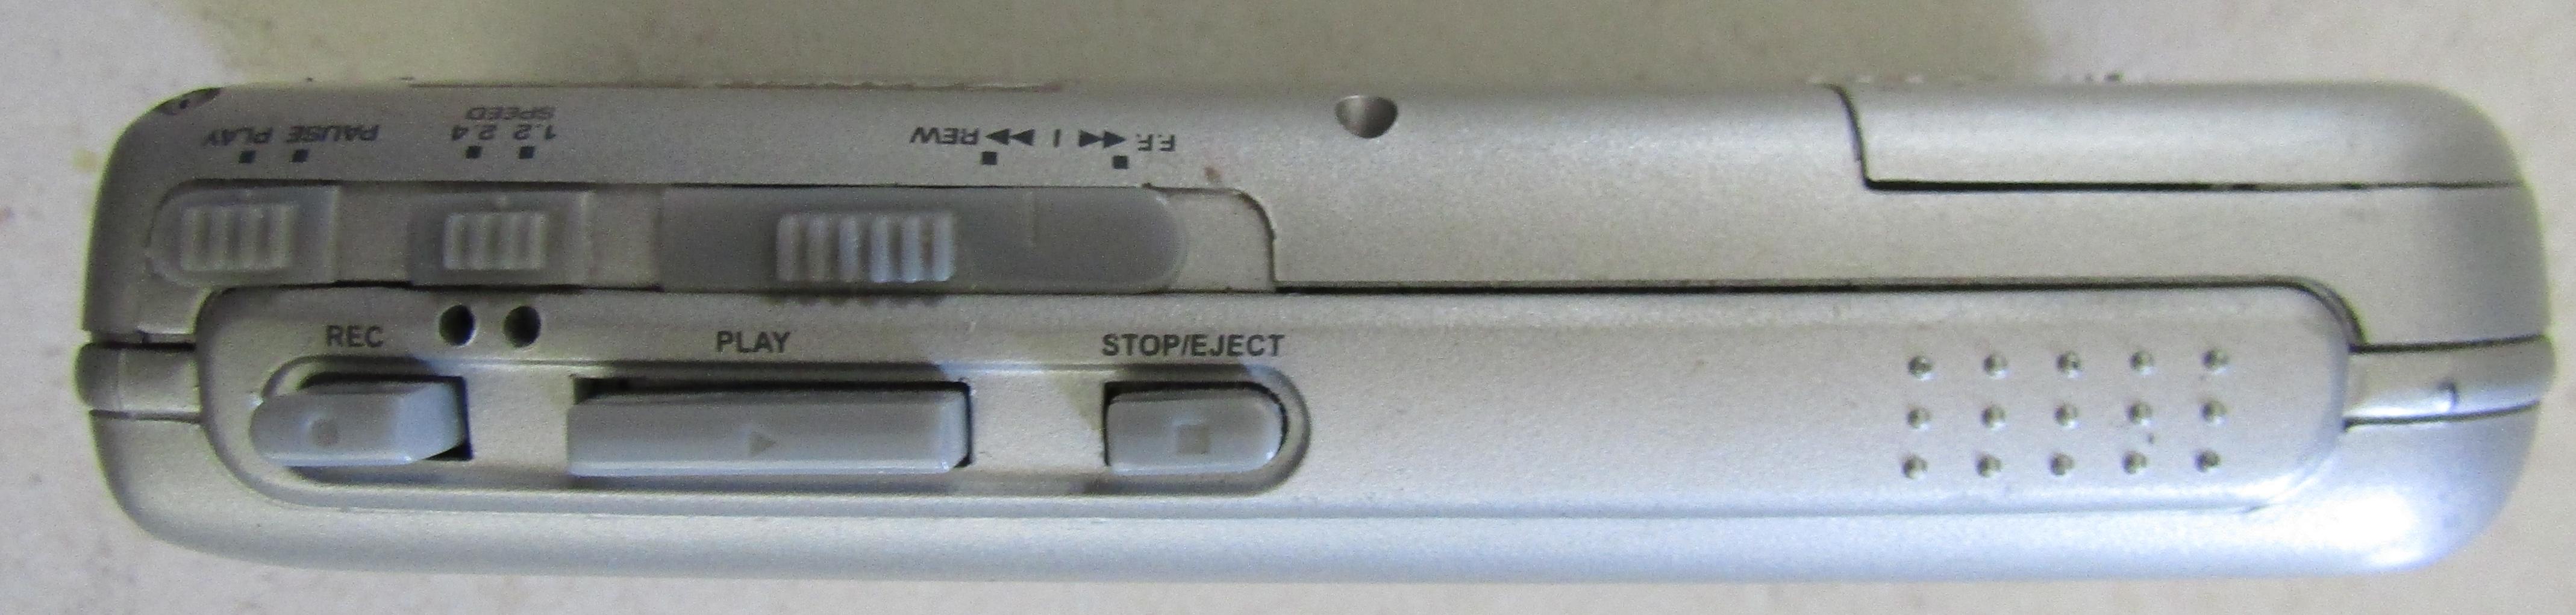 Sansui Personal Micro Cassette Recorder